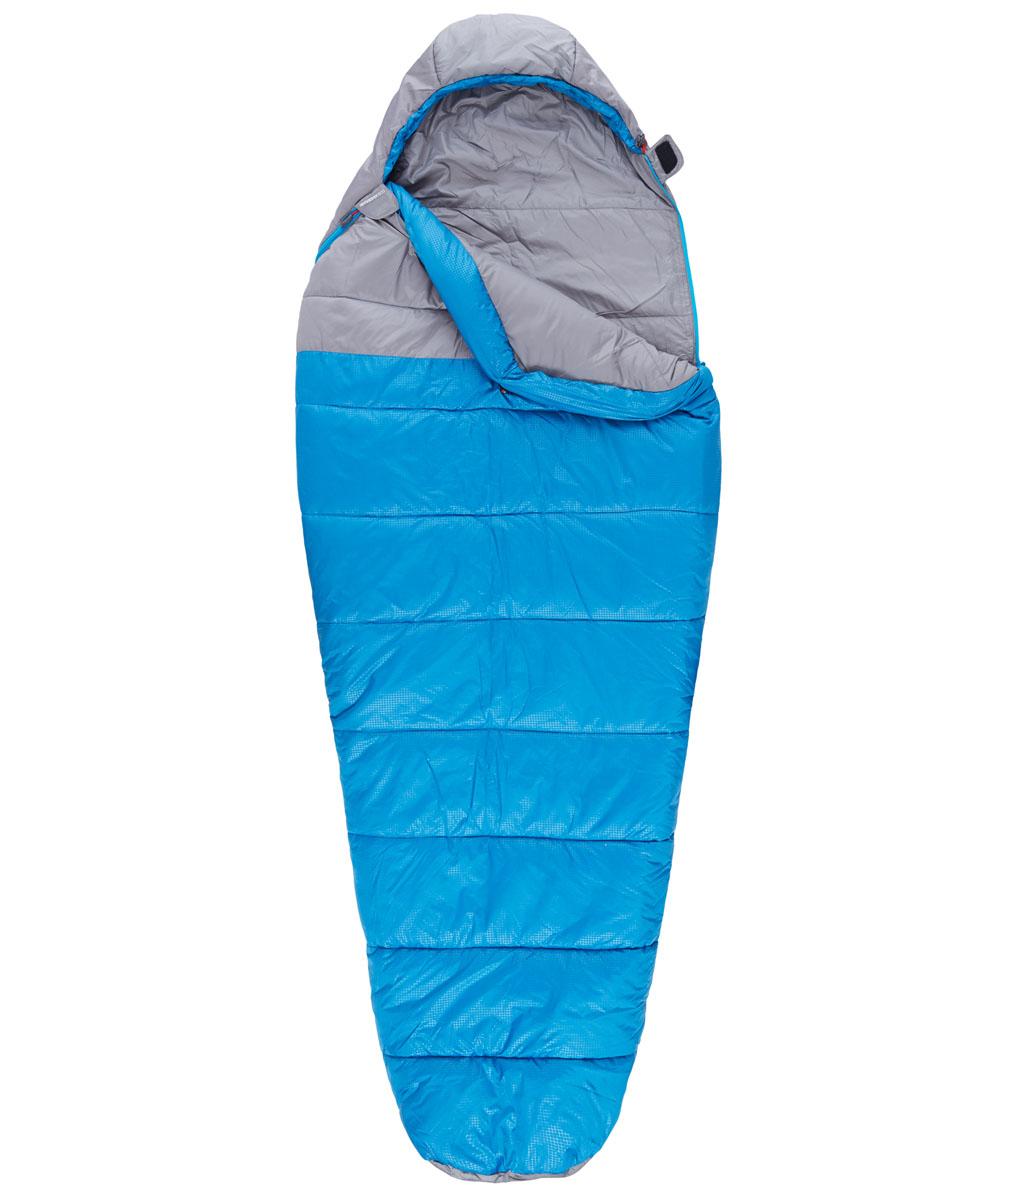 Спальный мешок The North Face Aleutian 20/-7, цвет: синий. T0A3A0M8RRH REGT0A3A0M8RRH REGCпальный мешок для путешествий, который можно целиком расстегнуть и расстелить в палатке. Вместительный, универсальный, теплый и комфортный.